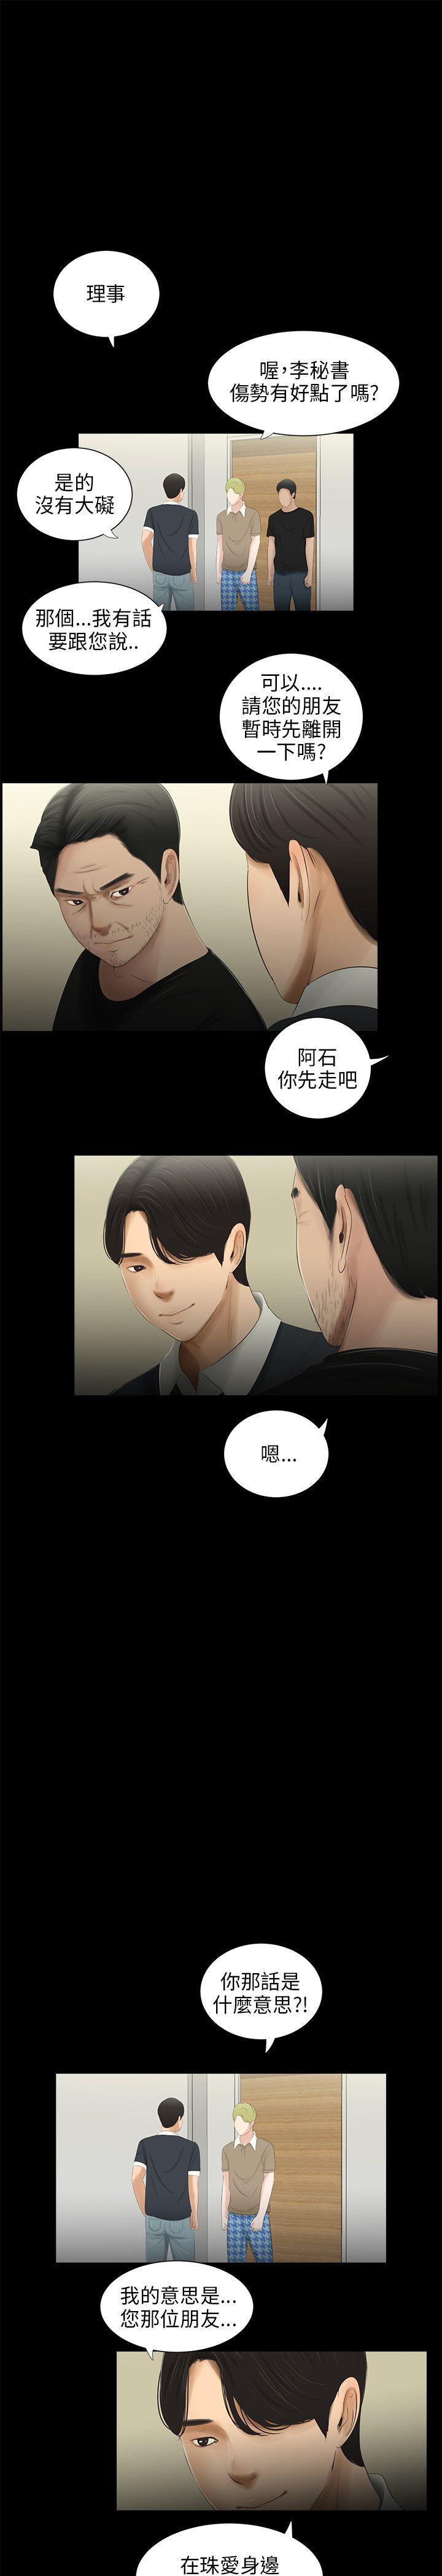 三姐妹 47-50 Chinese 57